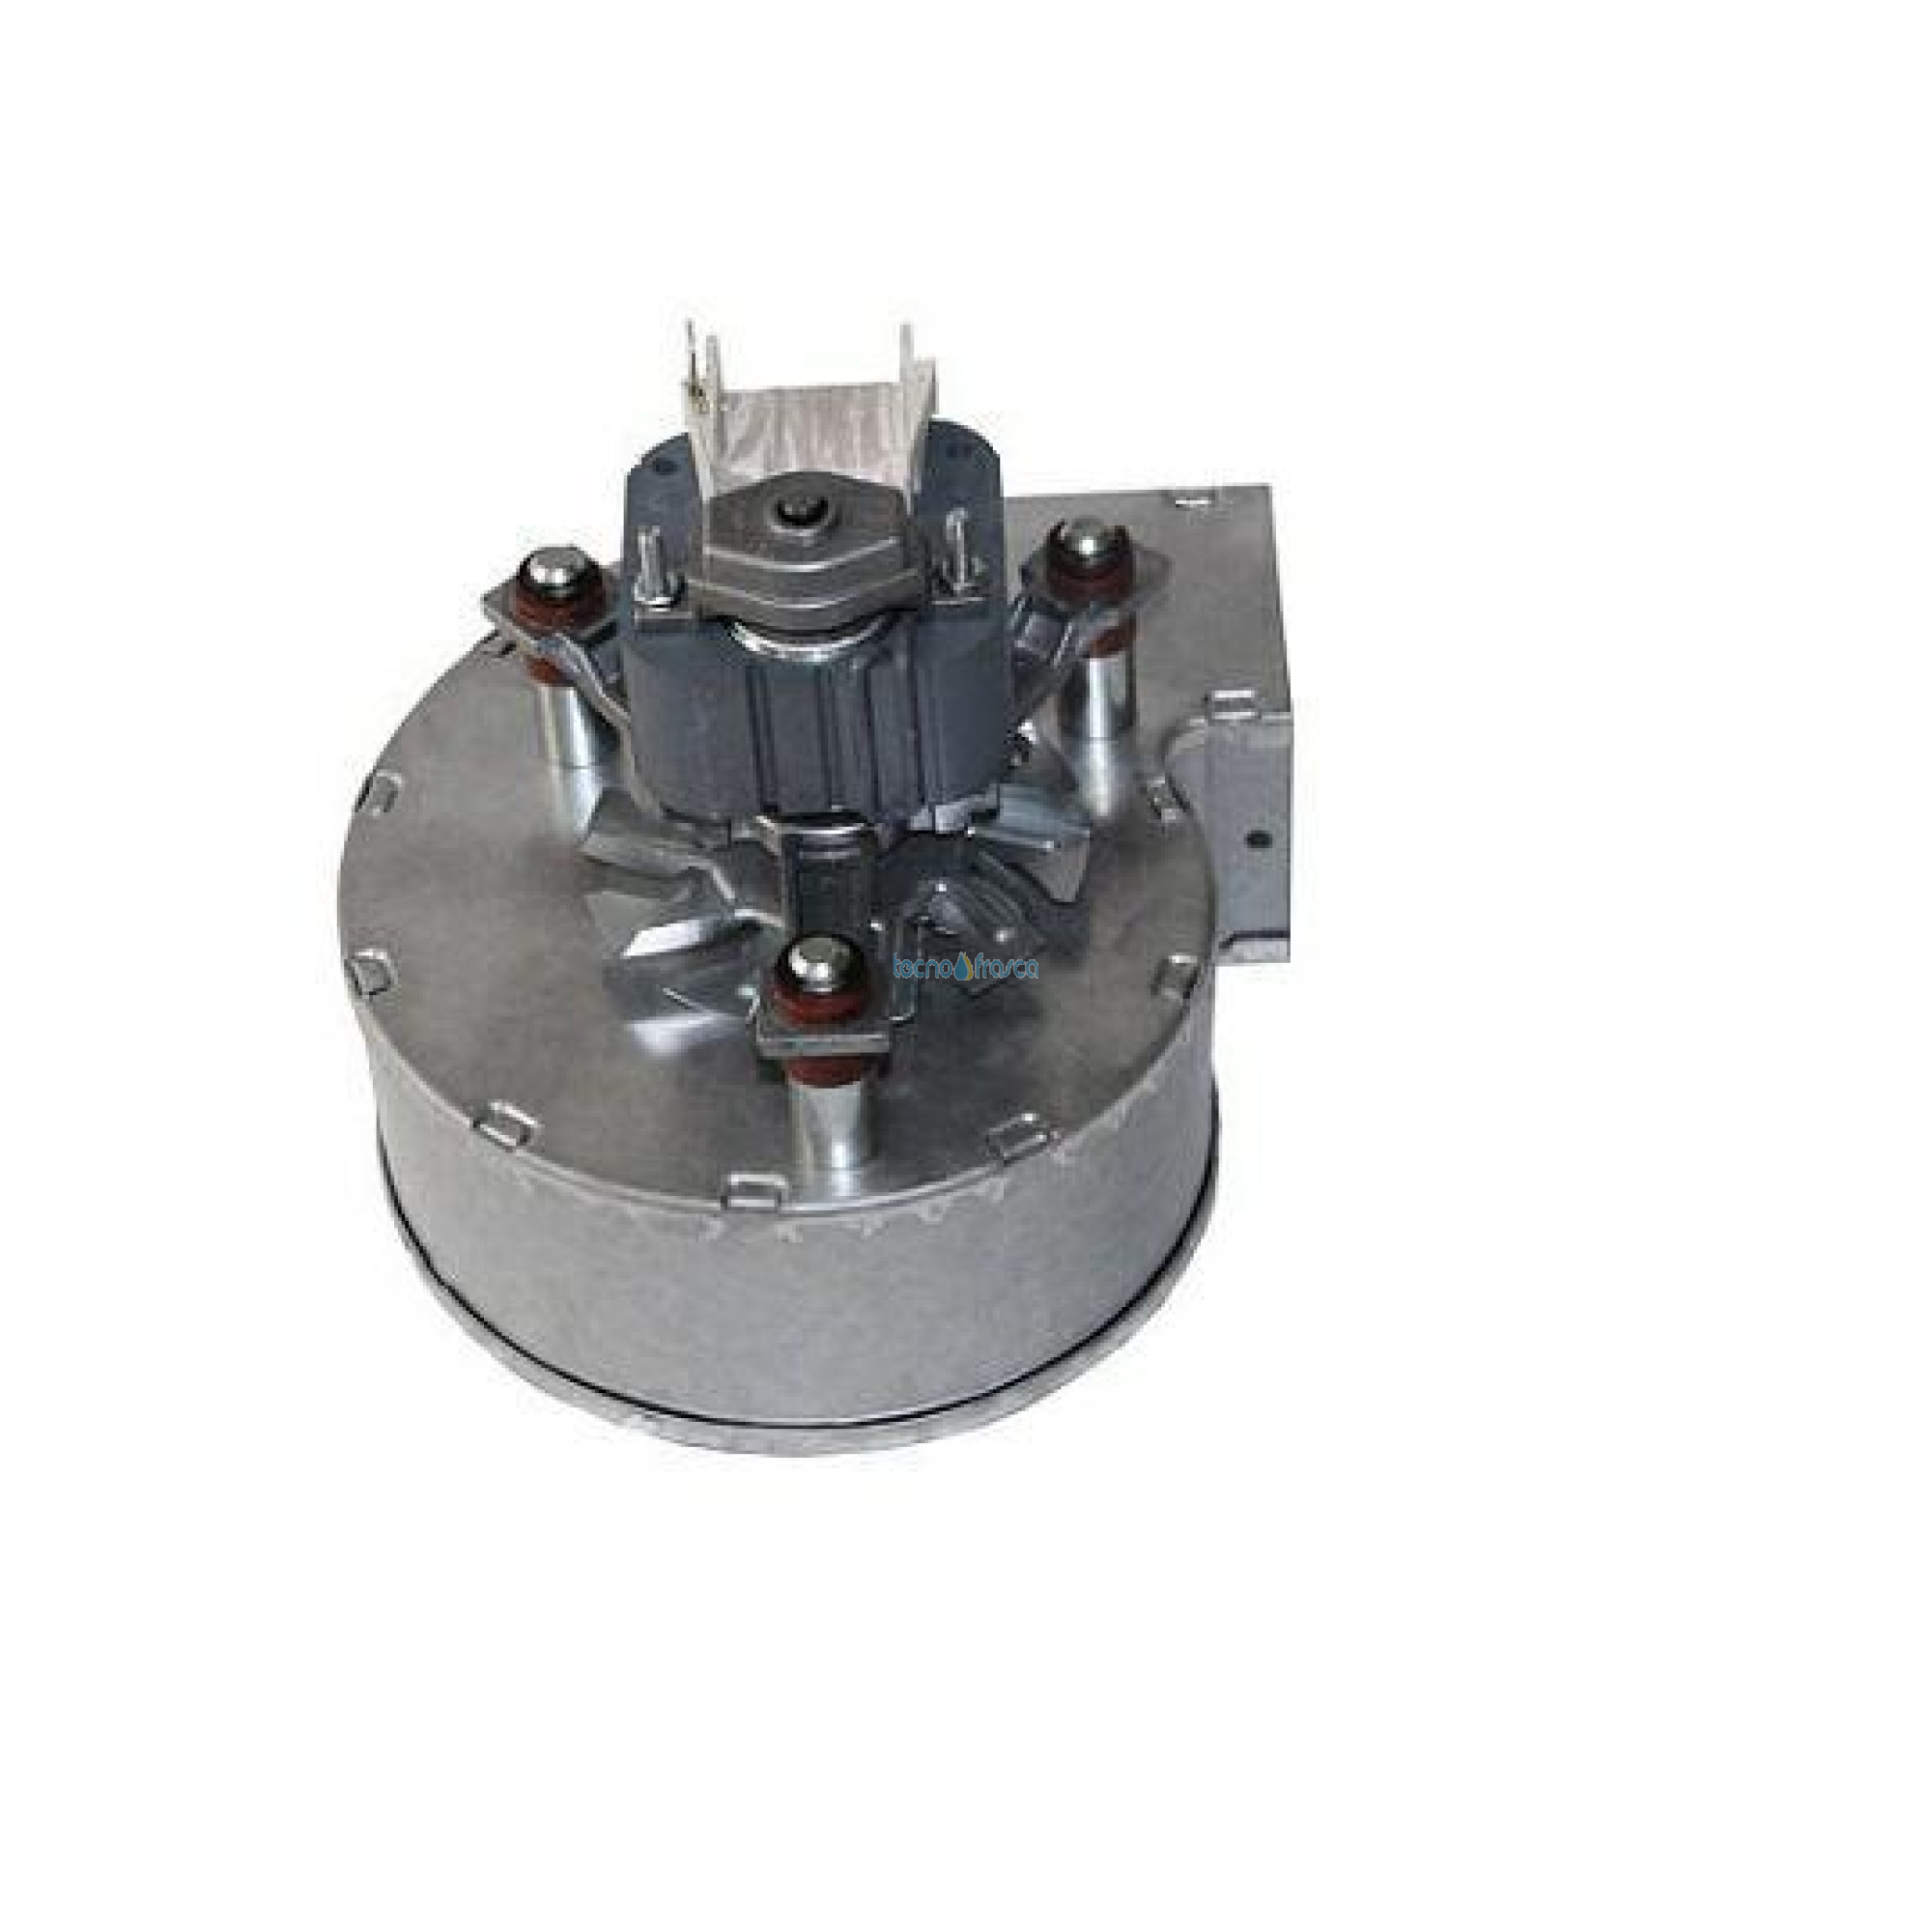 Baxi estrattore 50w rl97/4200a40 jjj005607294